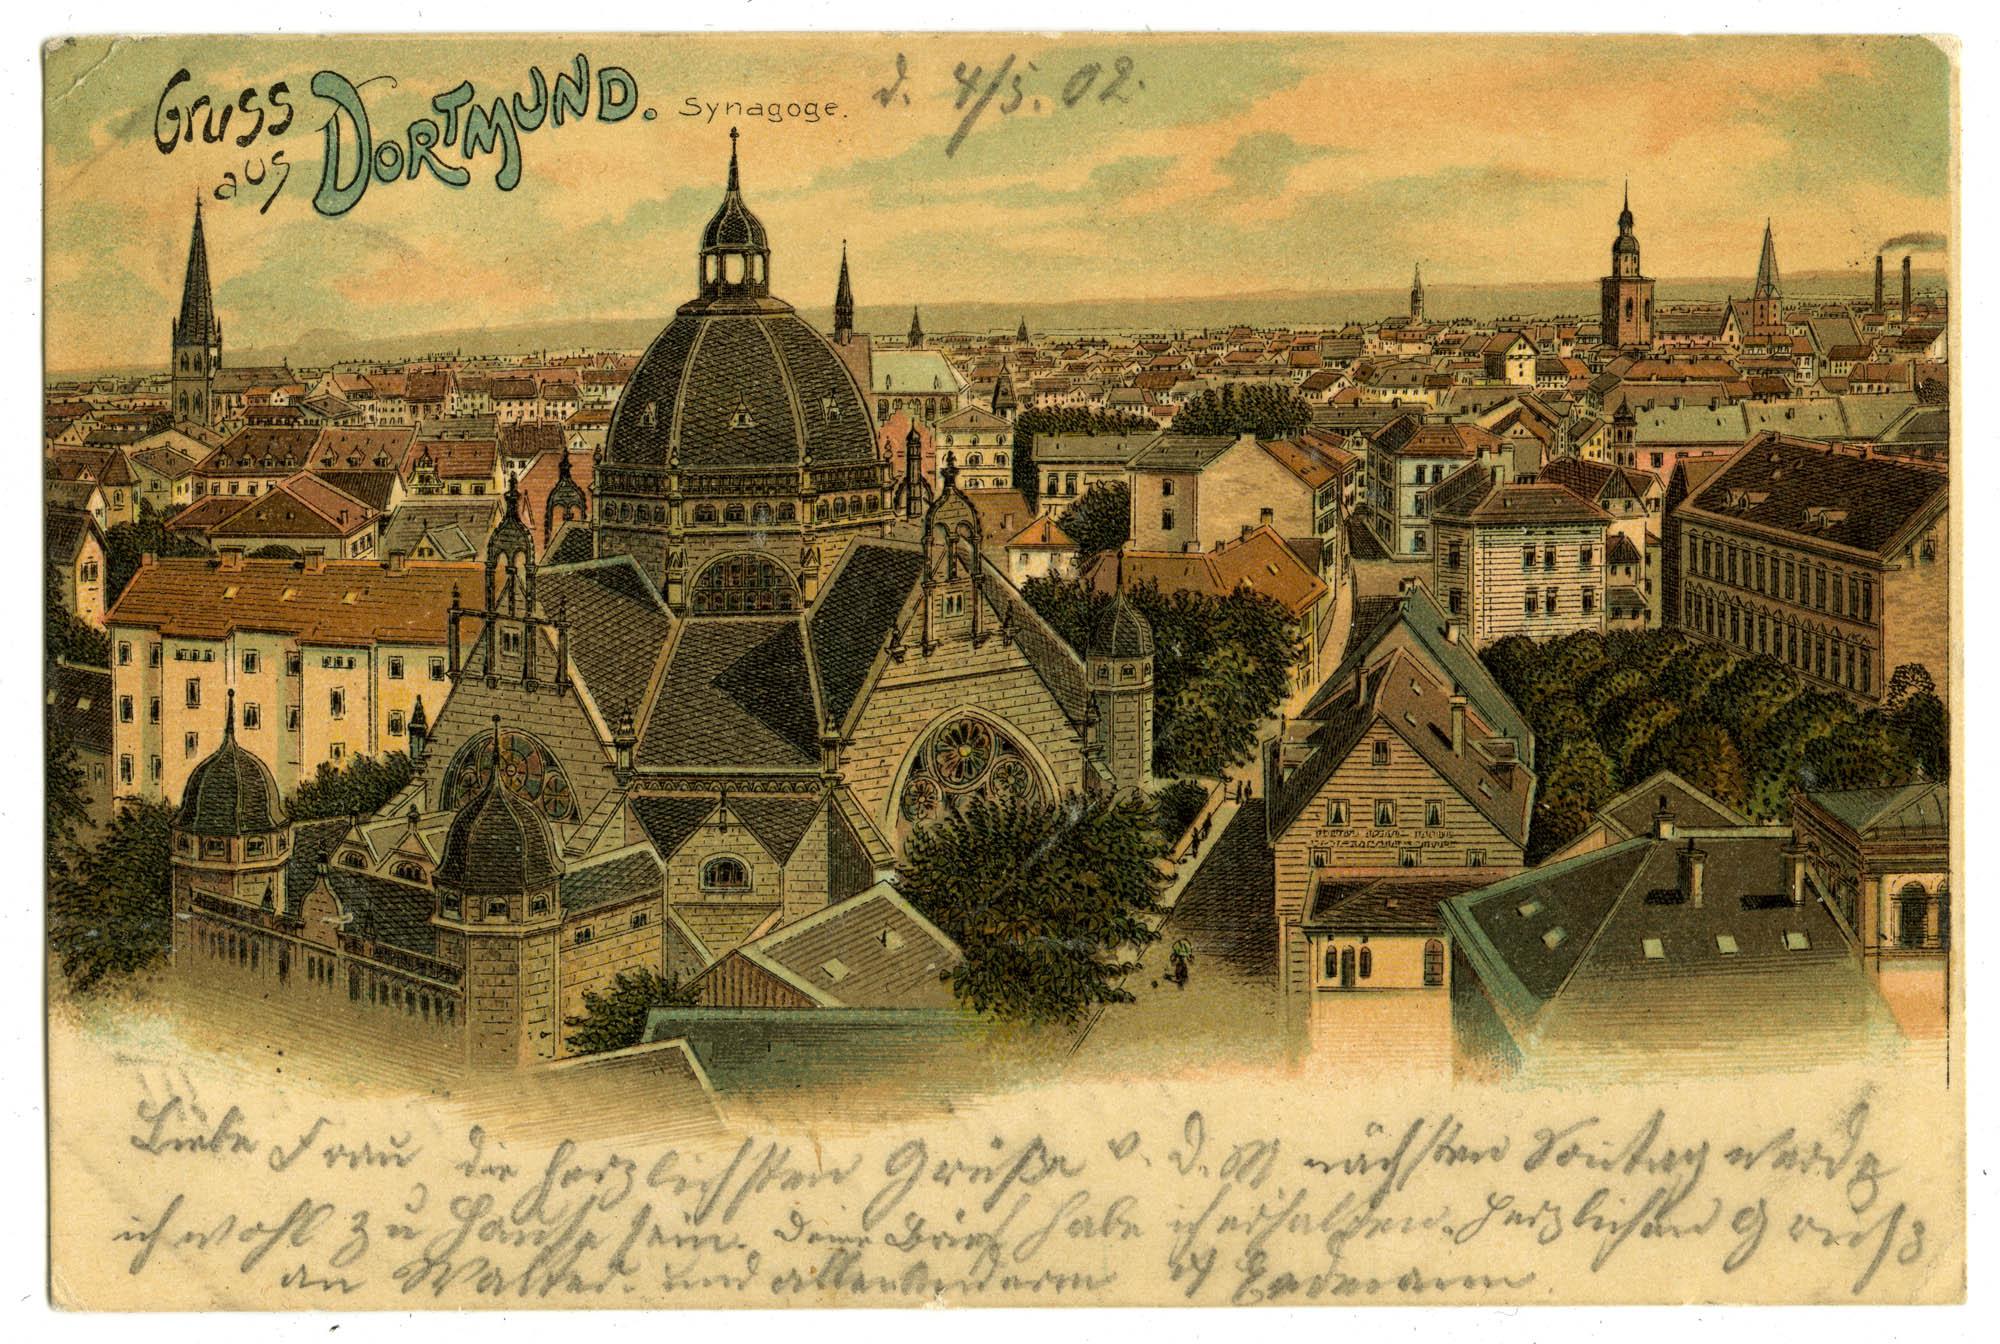 Gruss aus Dortmund. Synagoge.